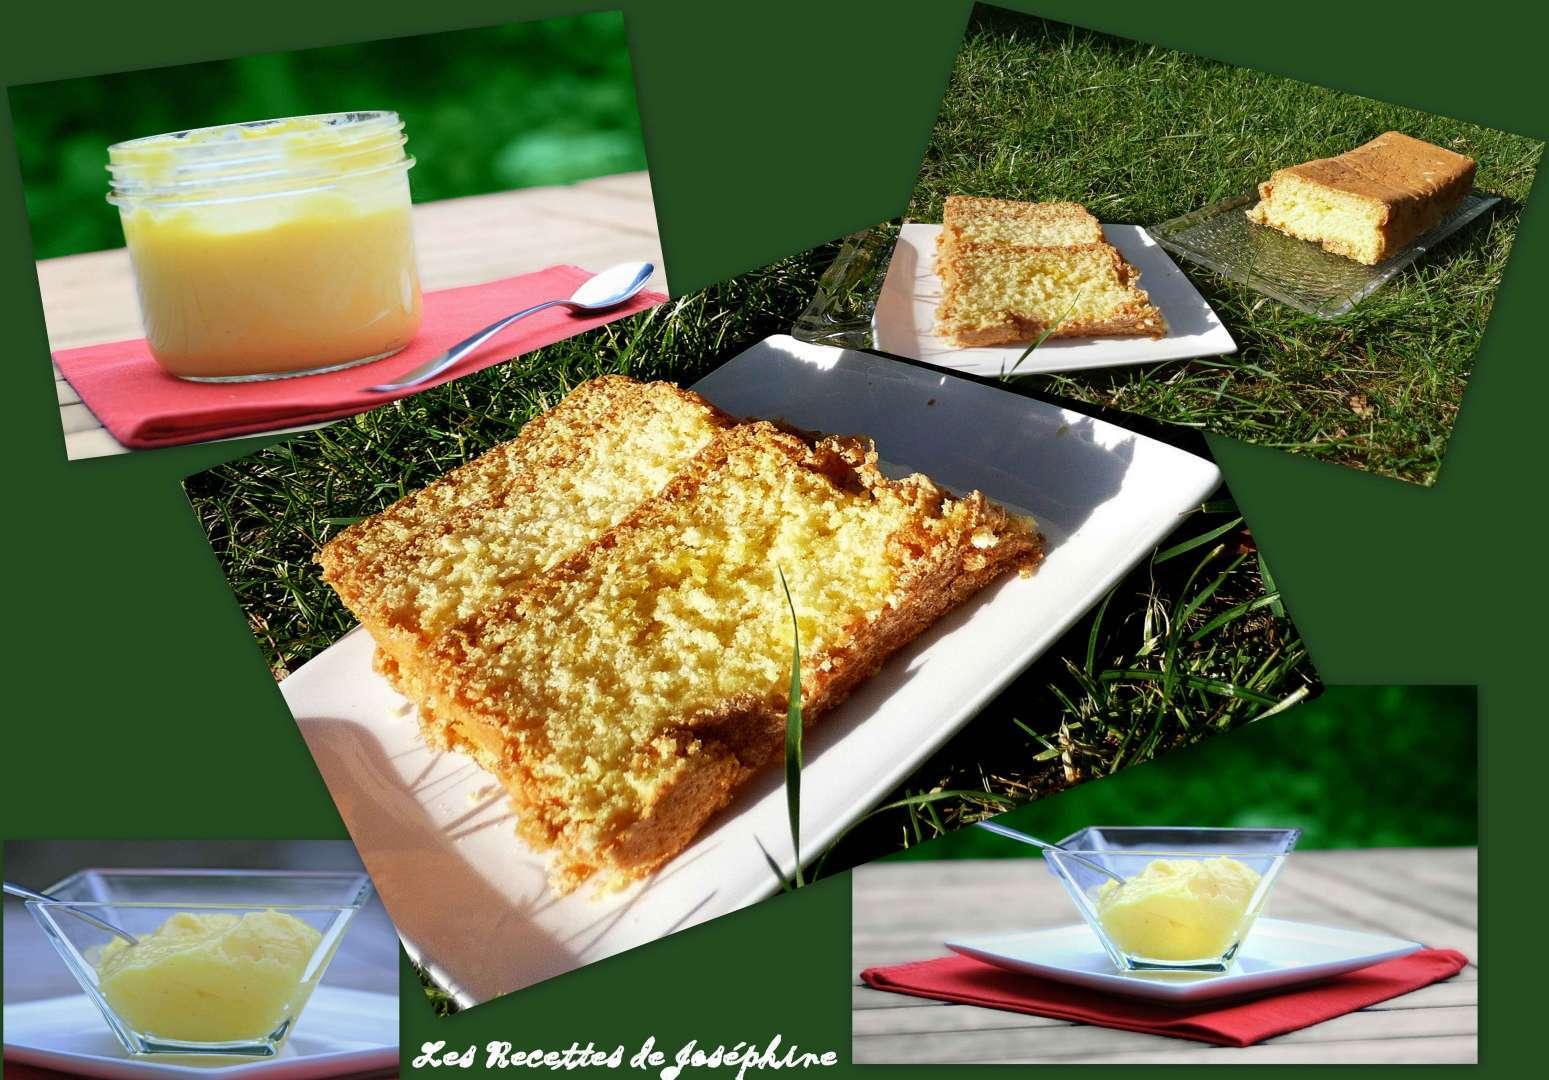 Cake sans beurre et lemon curd recette ptitchef - Lemon curd sans beurre ...